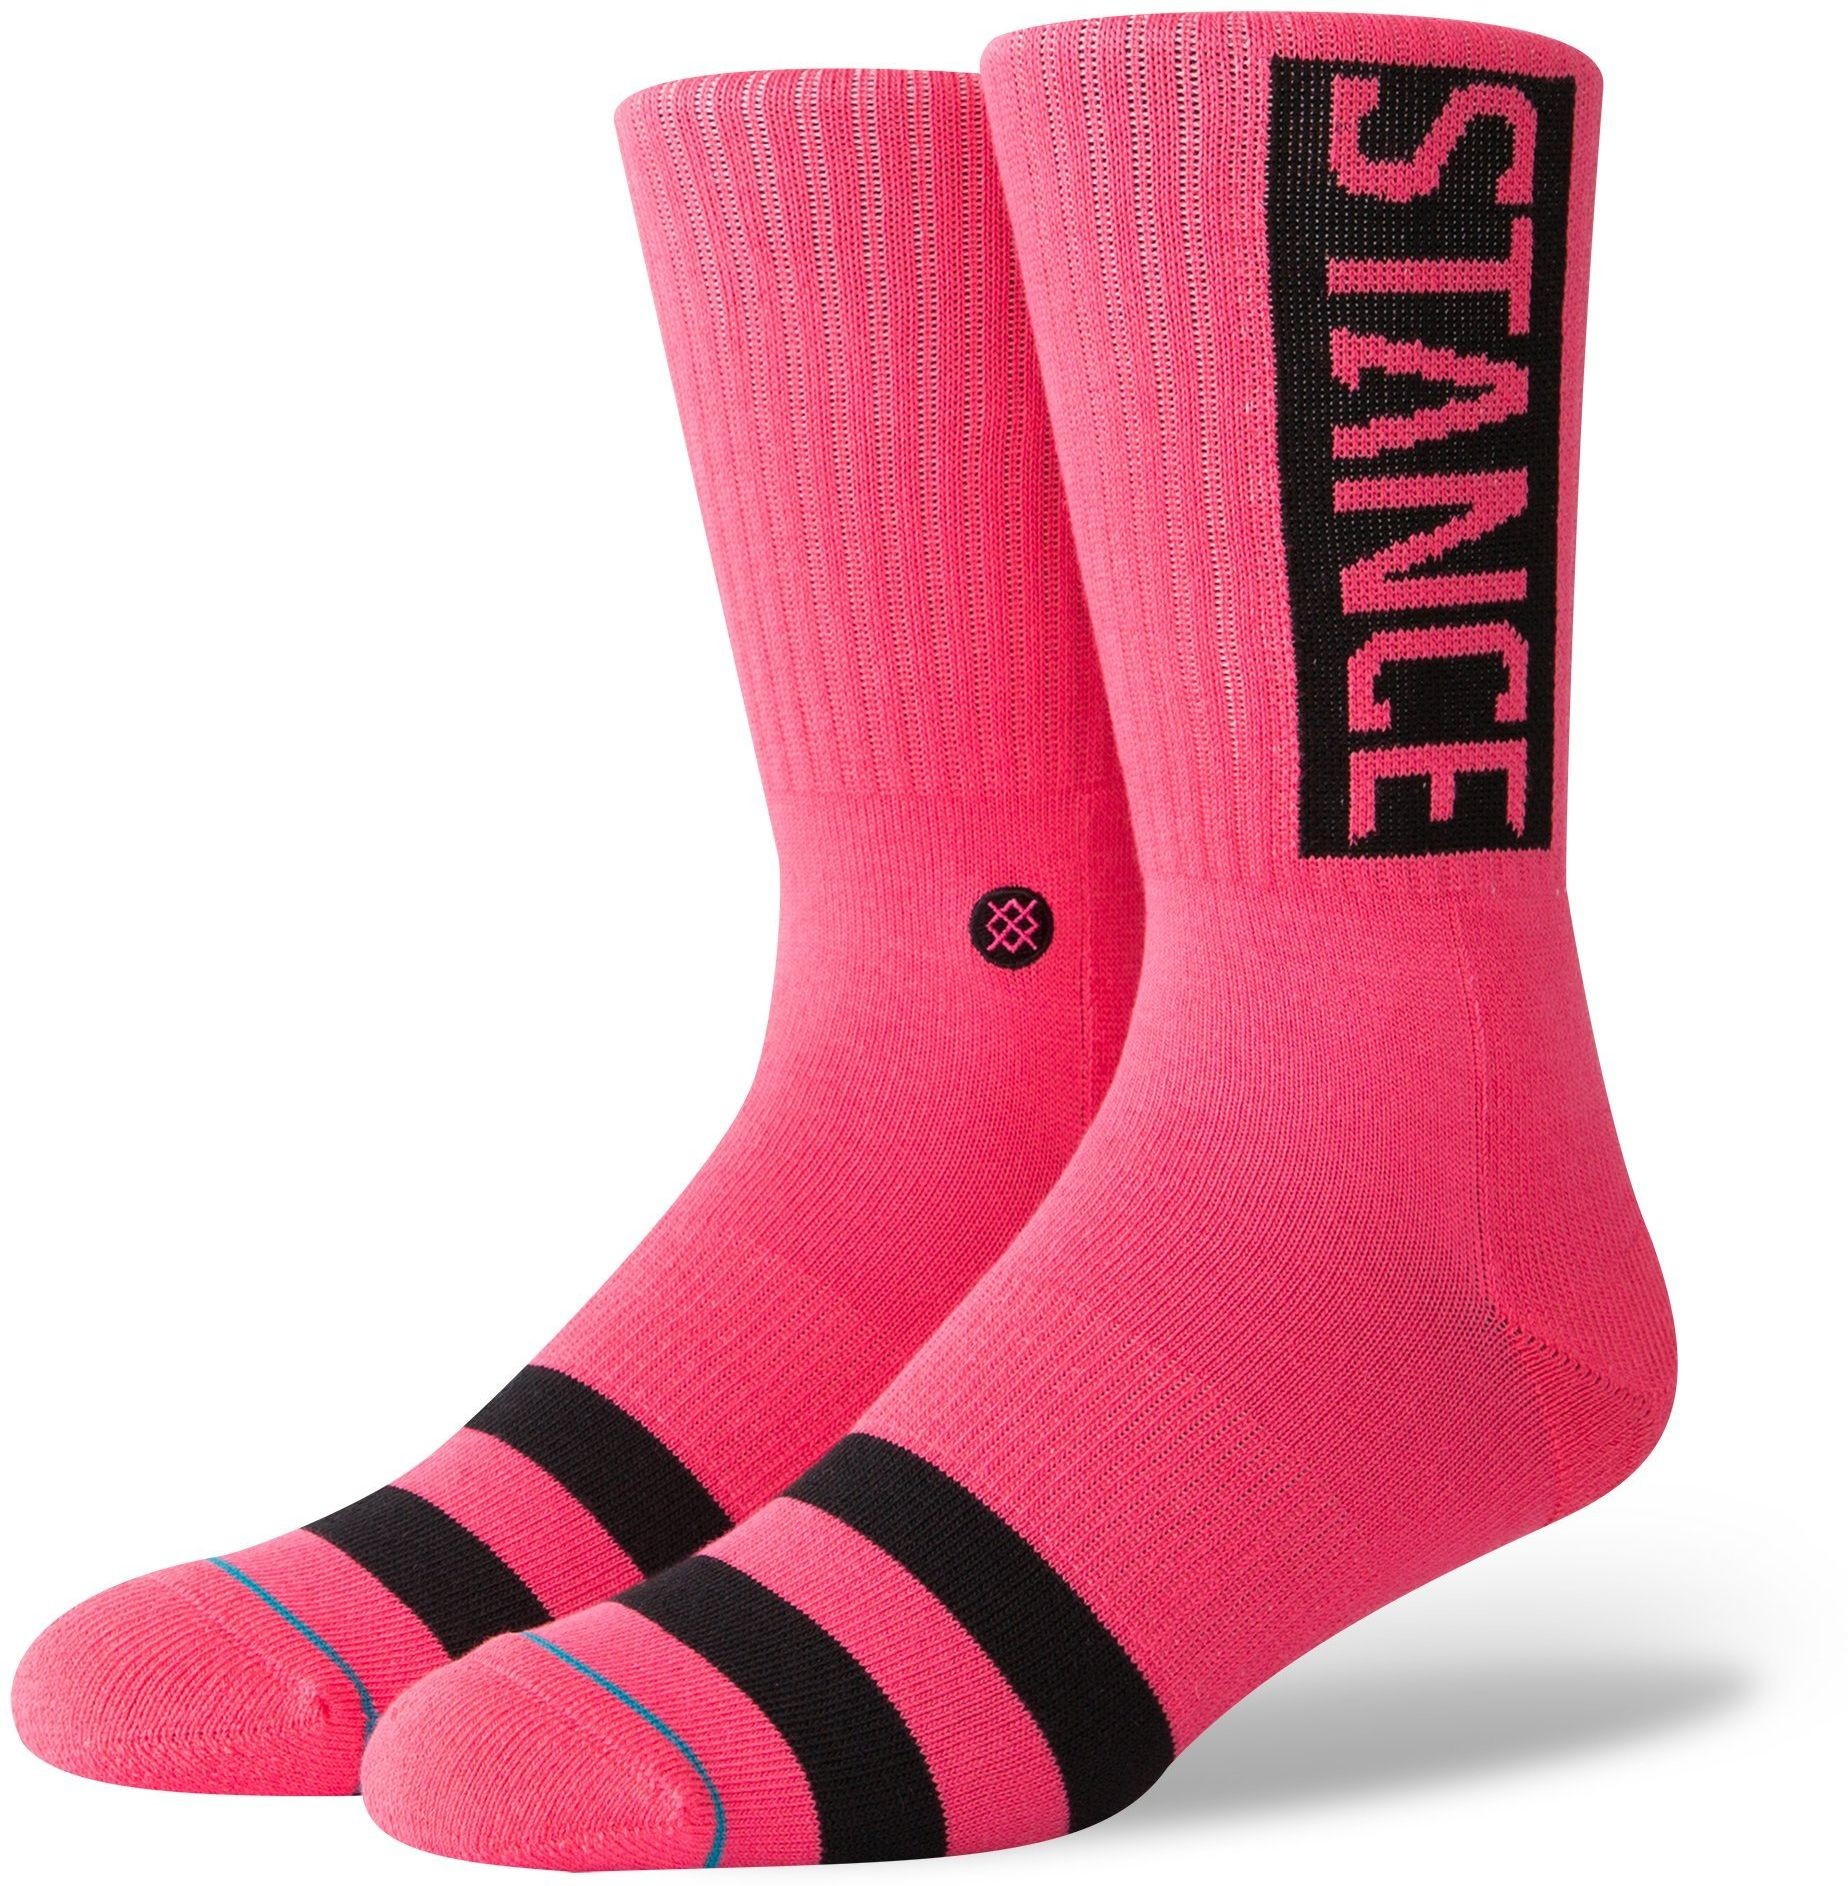 STANCE skarpetki STANCE OG Neon Pink